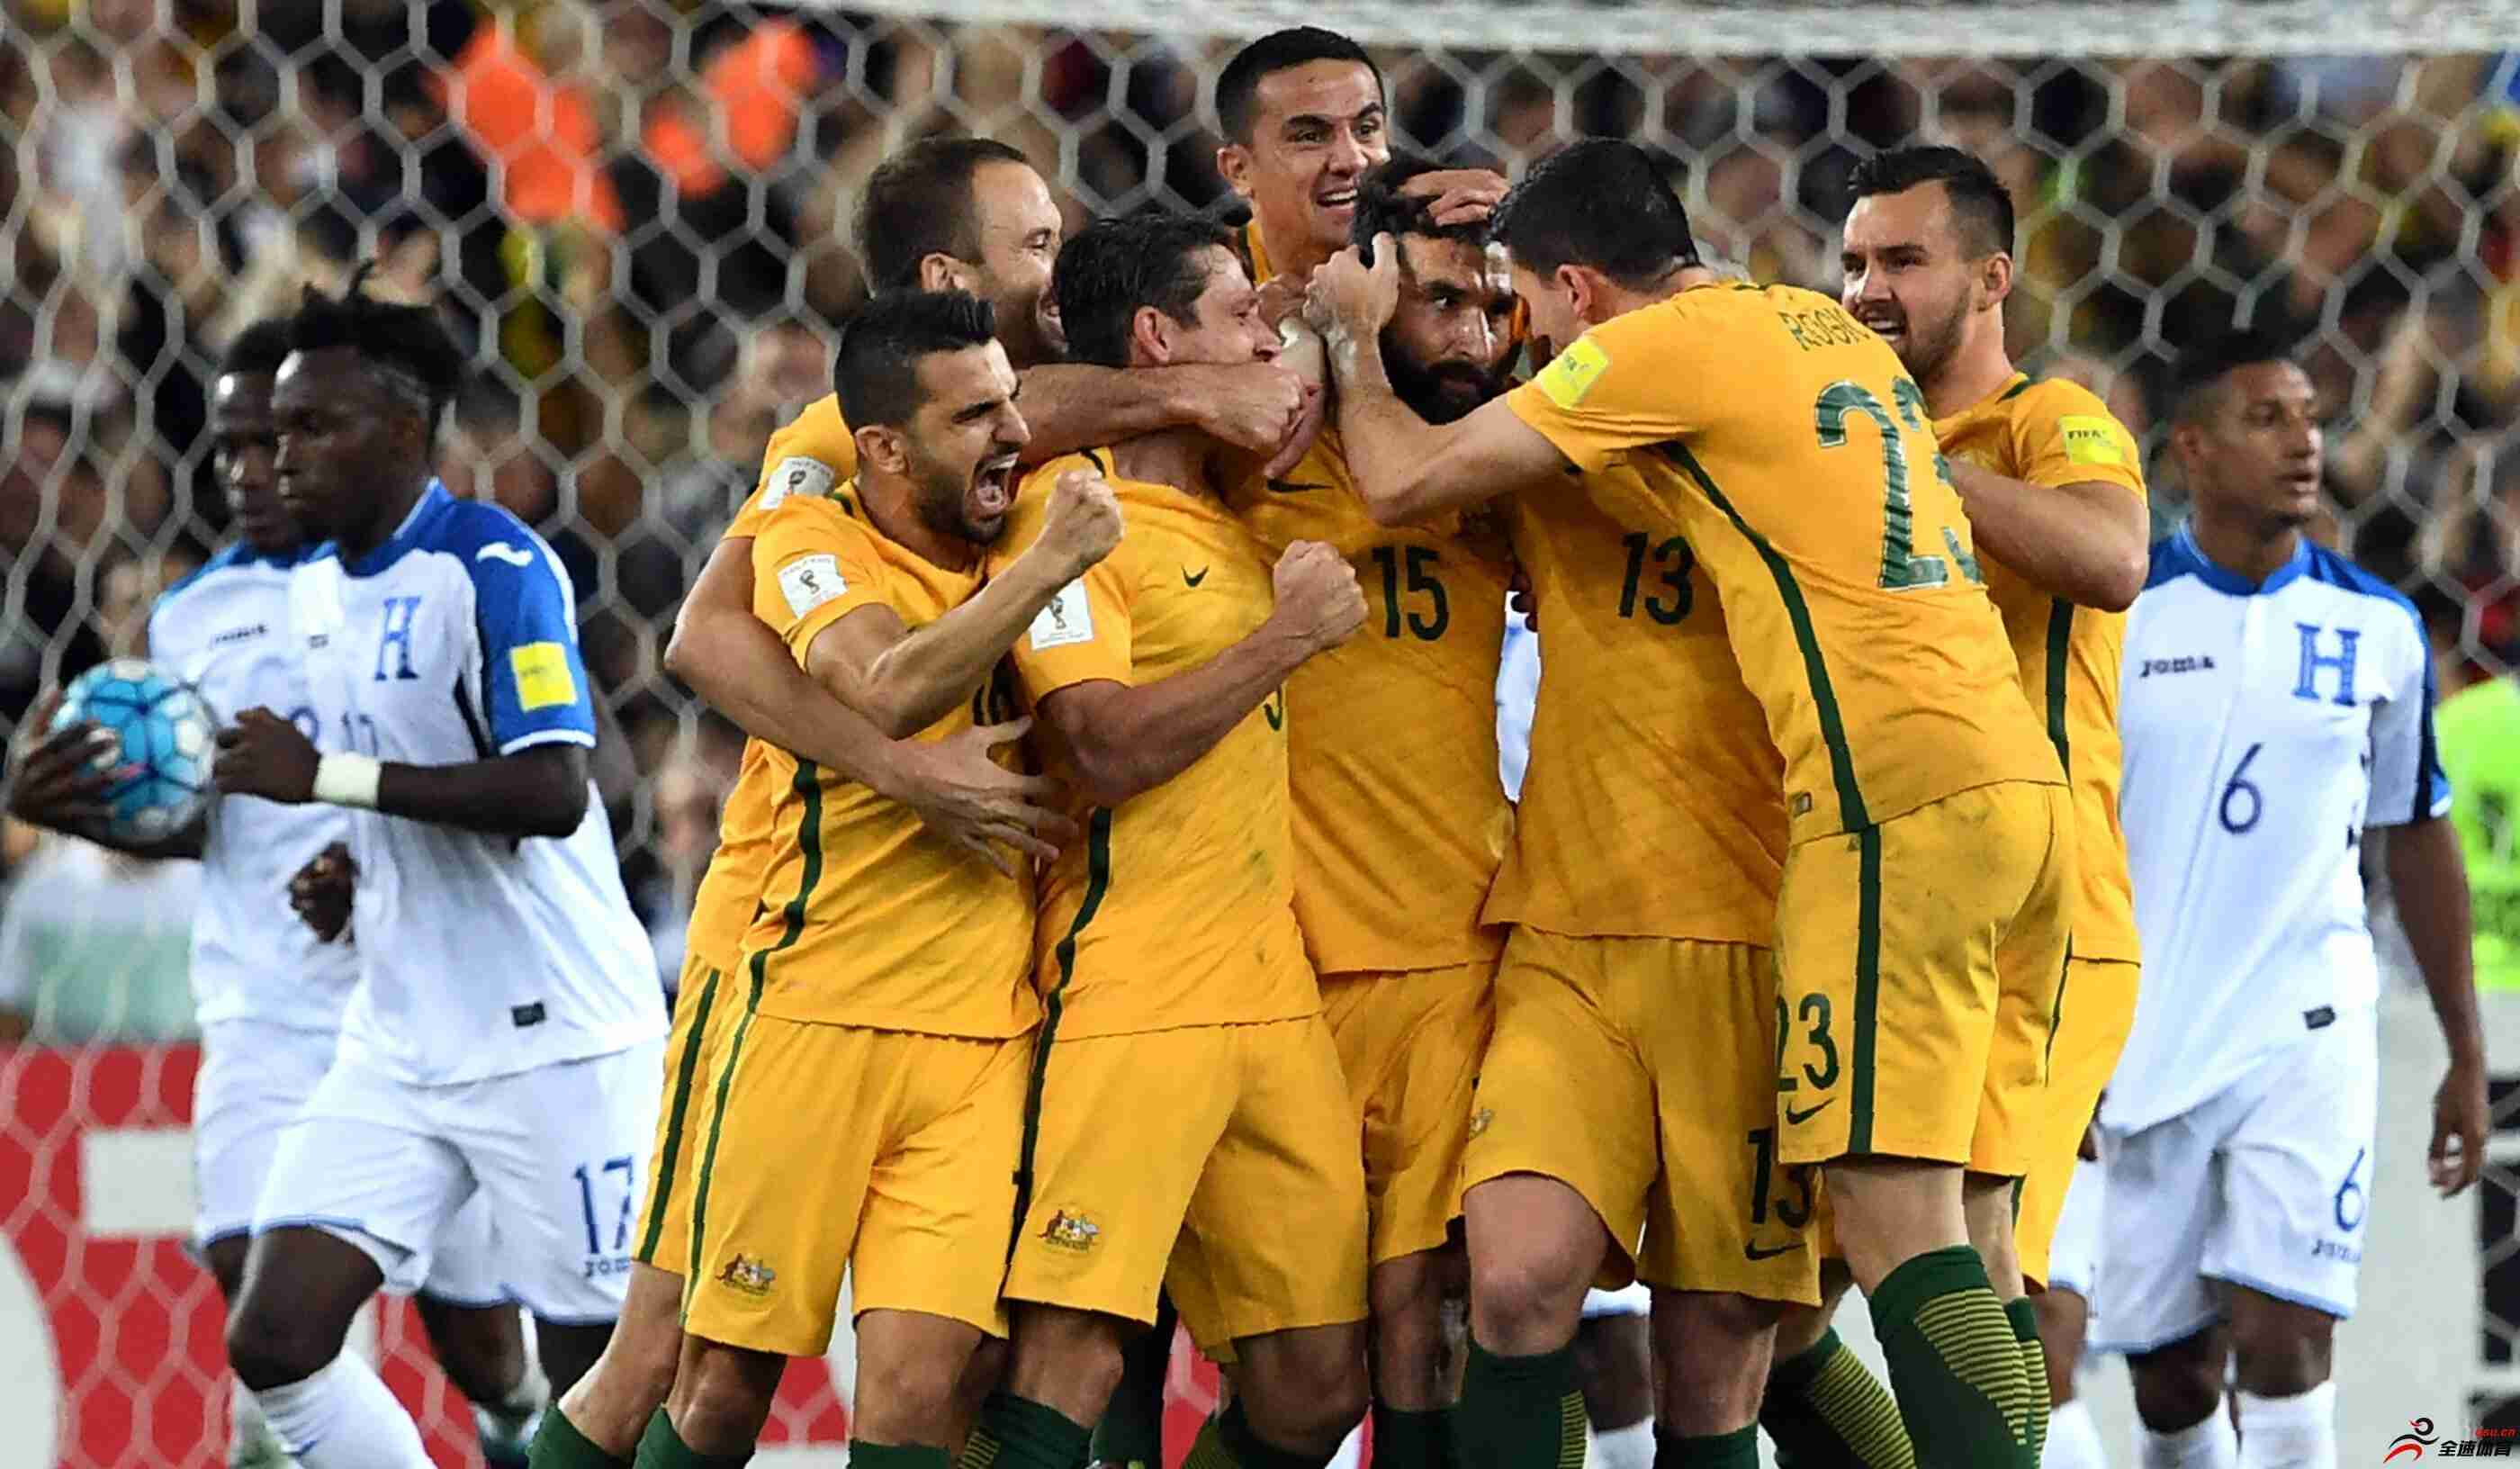 澳大利亚国家队内已清洗所有中超球员